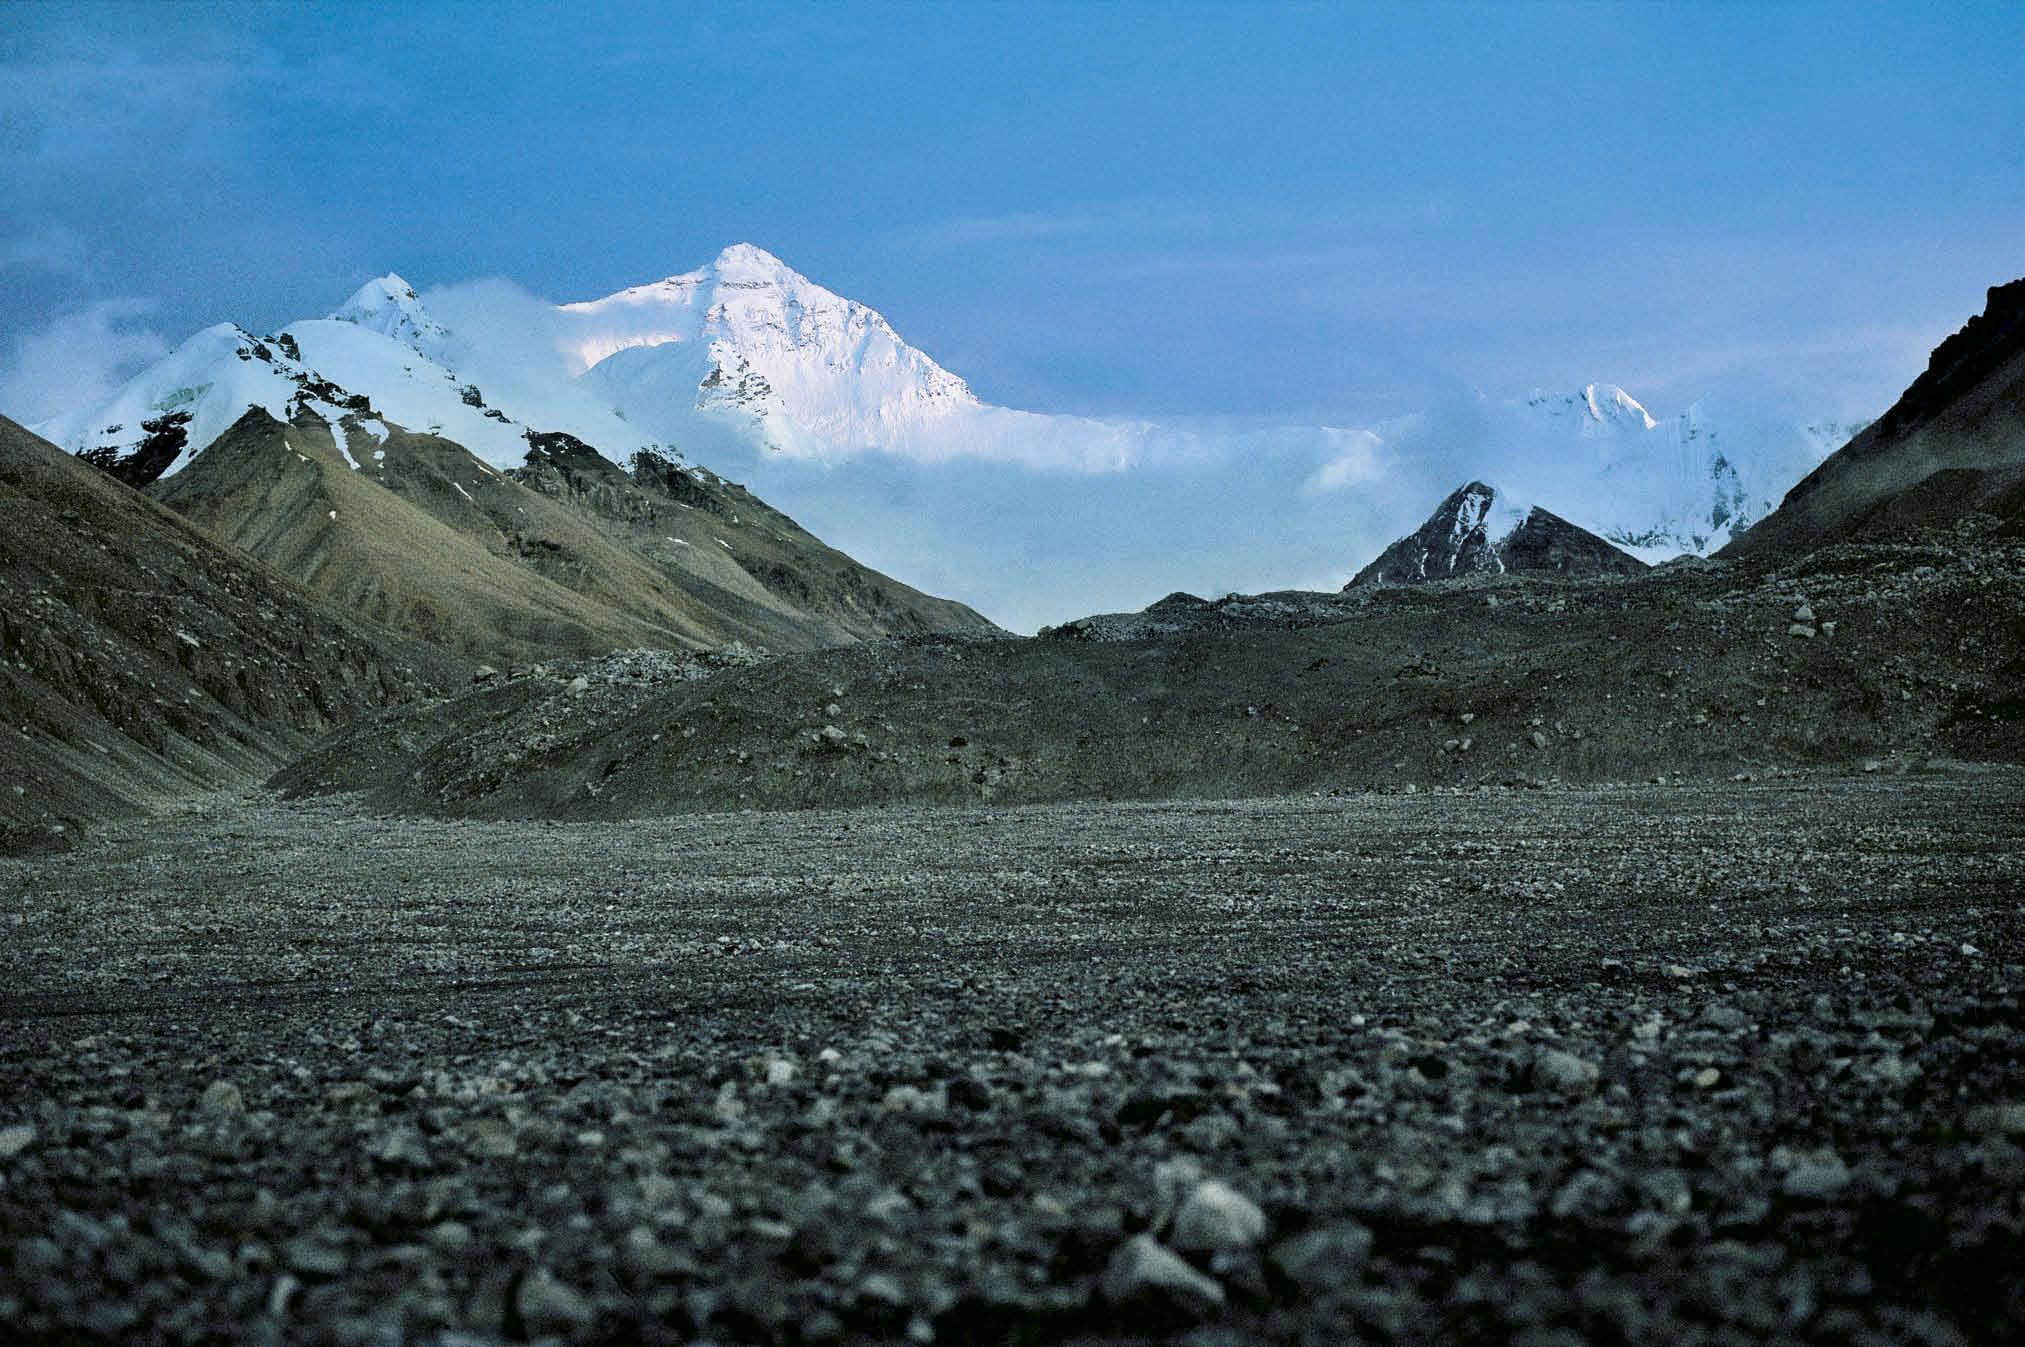 Gipfelsammeln rund um die Welt - Seven Summits